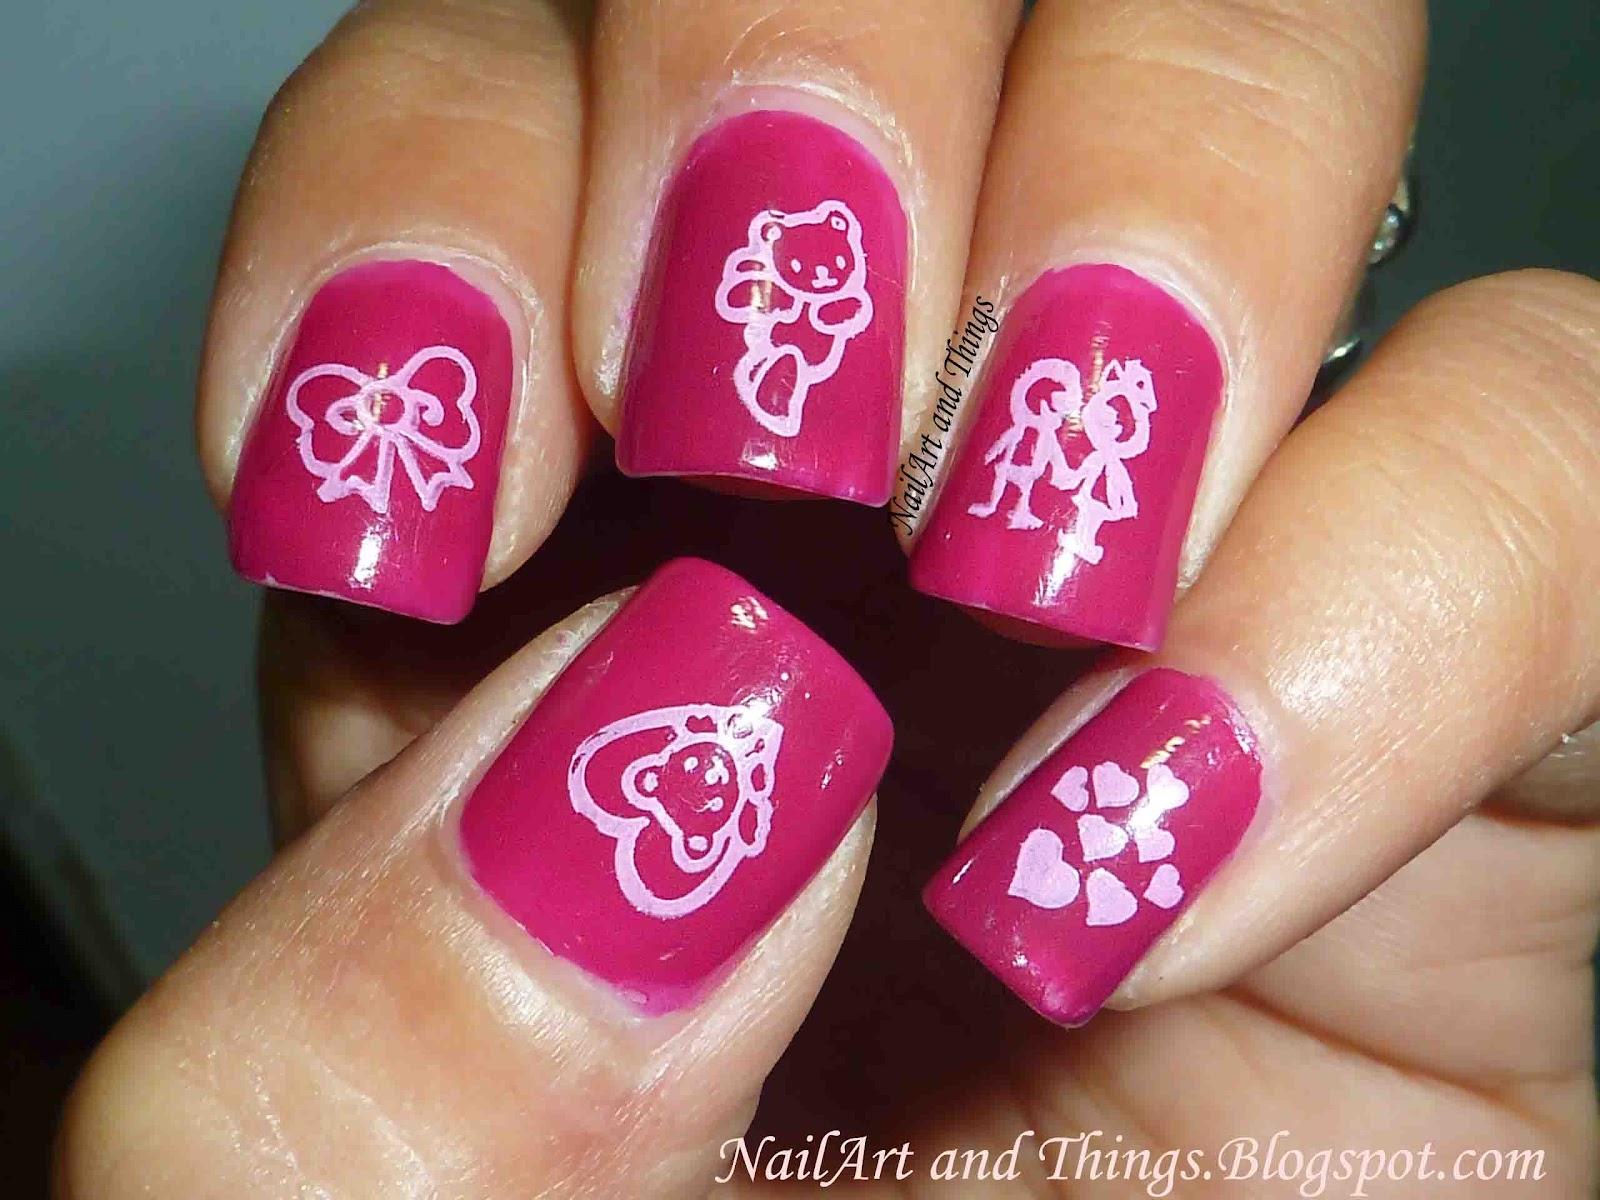 nailart and things cuteteddy nail art